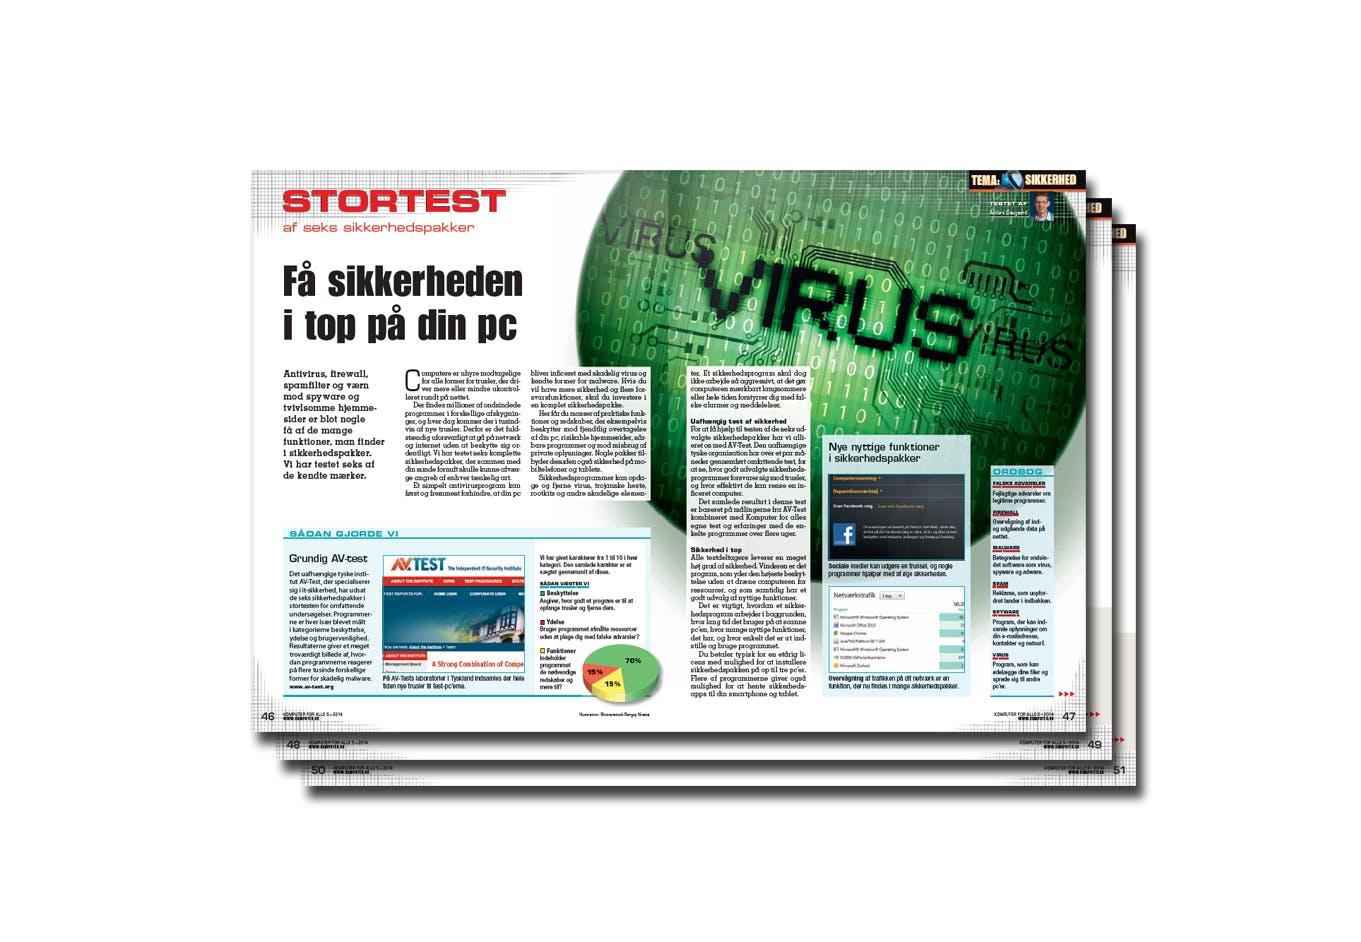 Find det bedste antivirus-program til Windows 10 | Komputer.dk